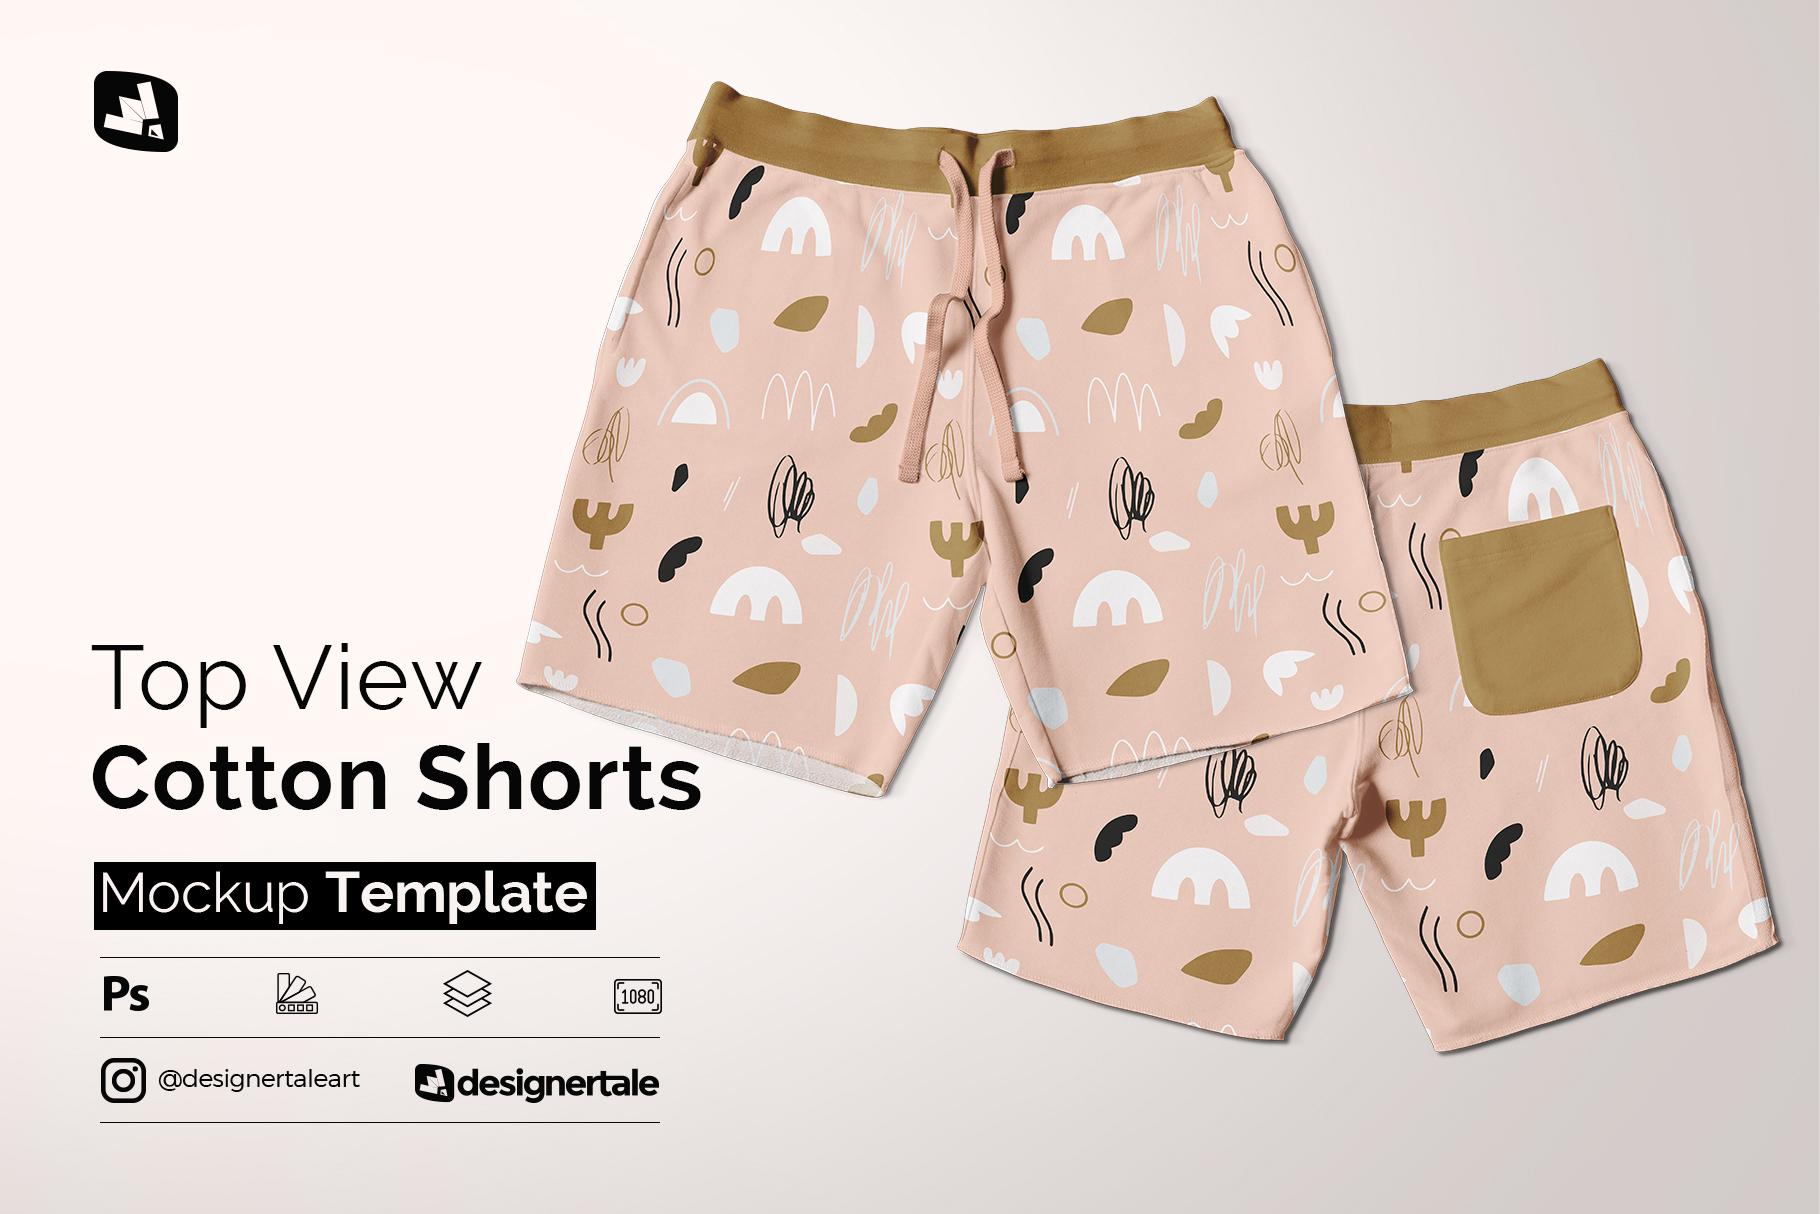 top view cotton shorts mockup